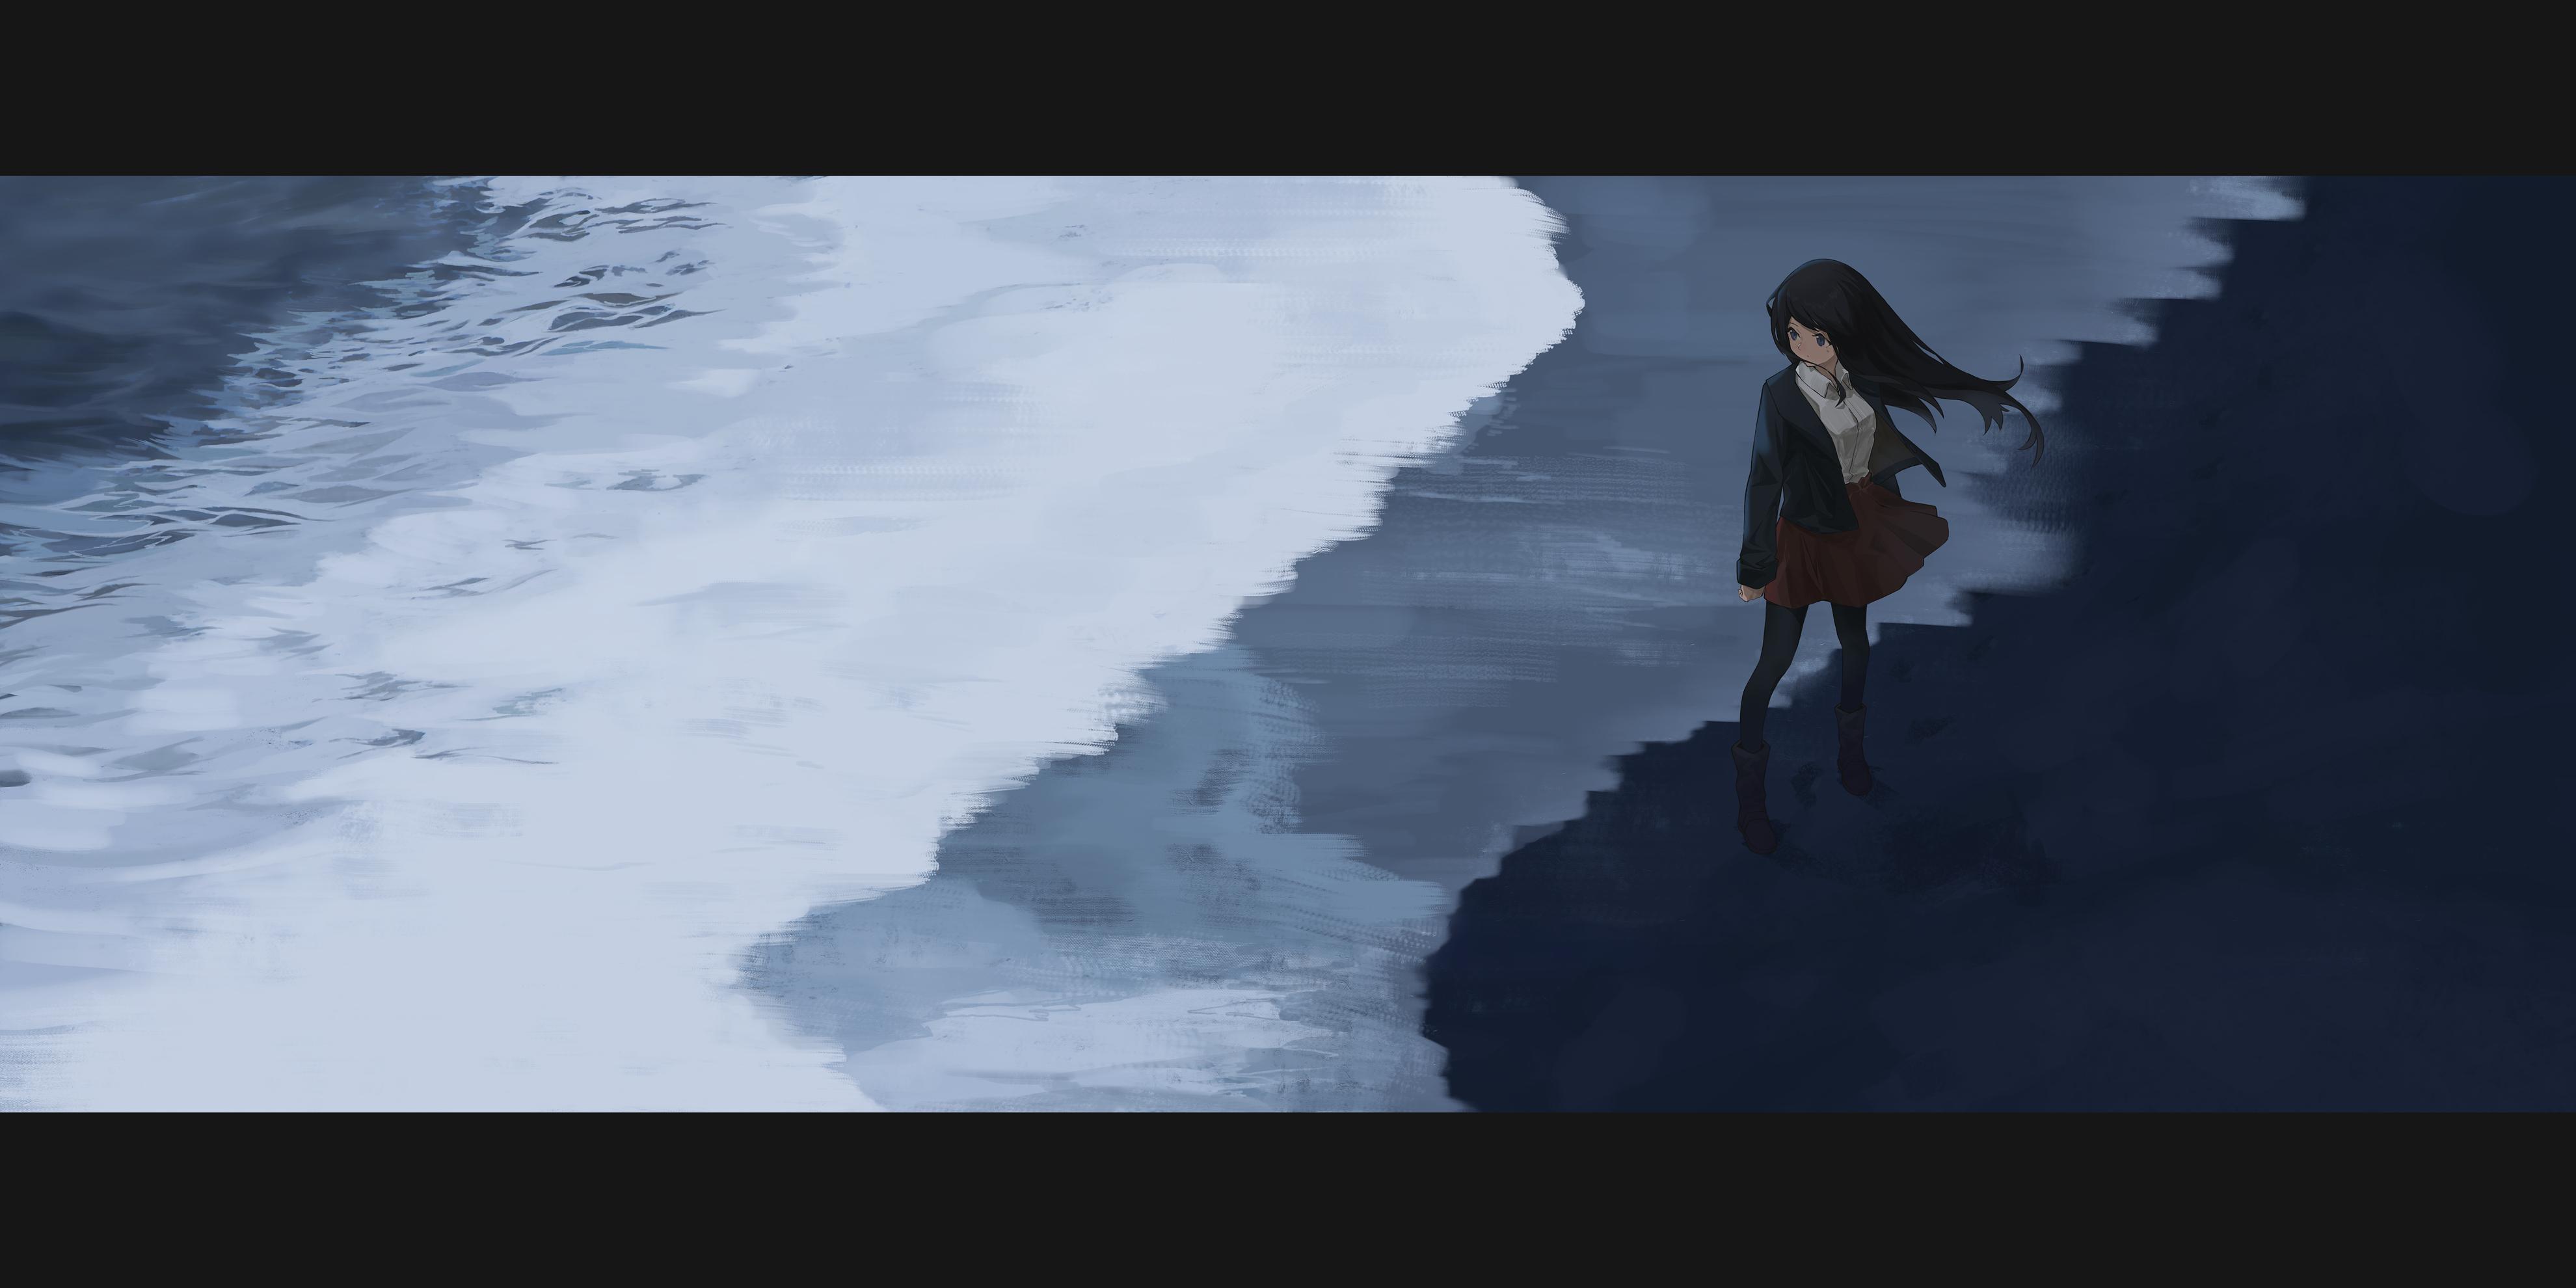 【P站画师】日本画师鏈的插画作品- ACG17.COM